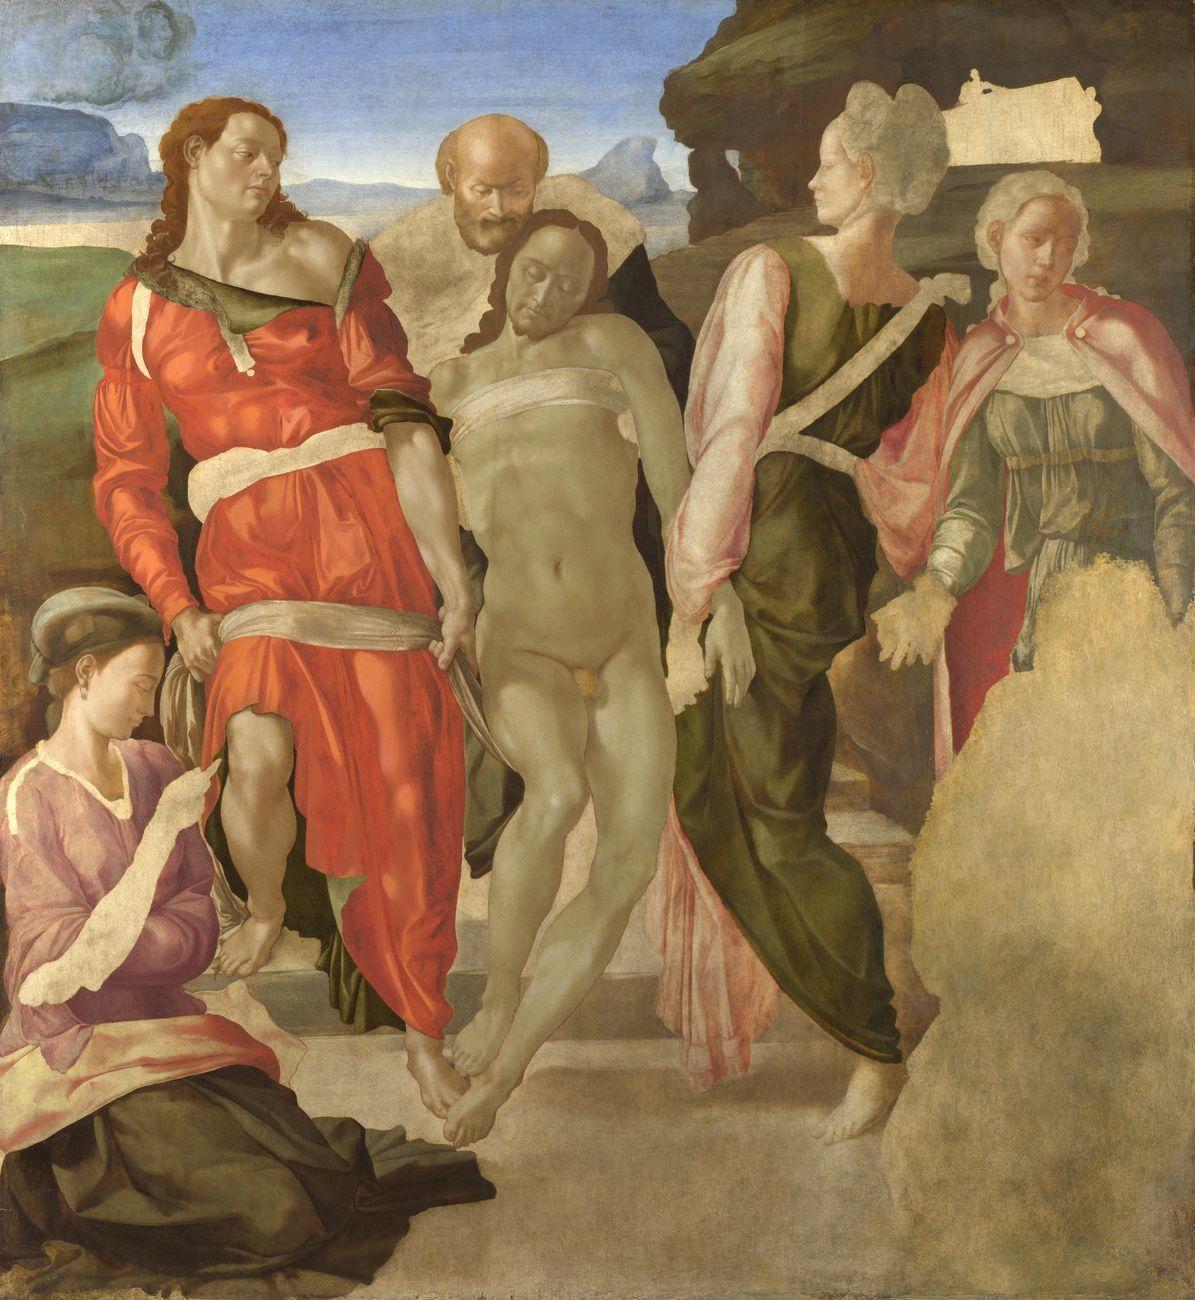 Michelangelo Buonarroti (attr.), Deposizione di Cristo nel sepolcro, 1500 01 ca., tempera su tavola, 161,7×149,9 cm. National Gallery, Londra